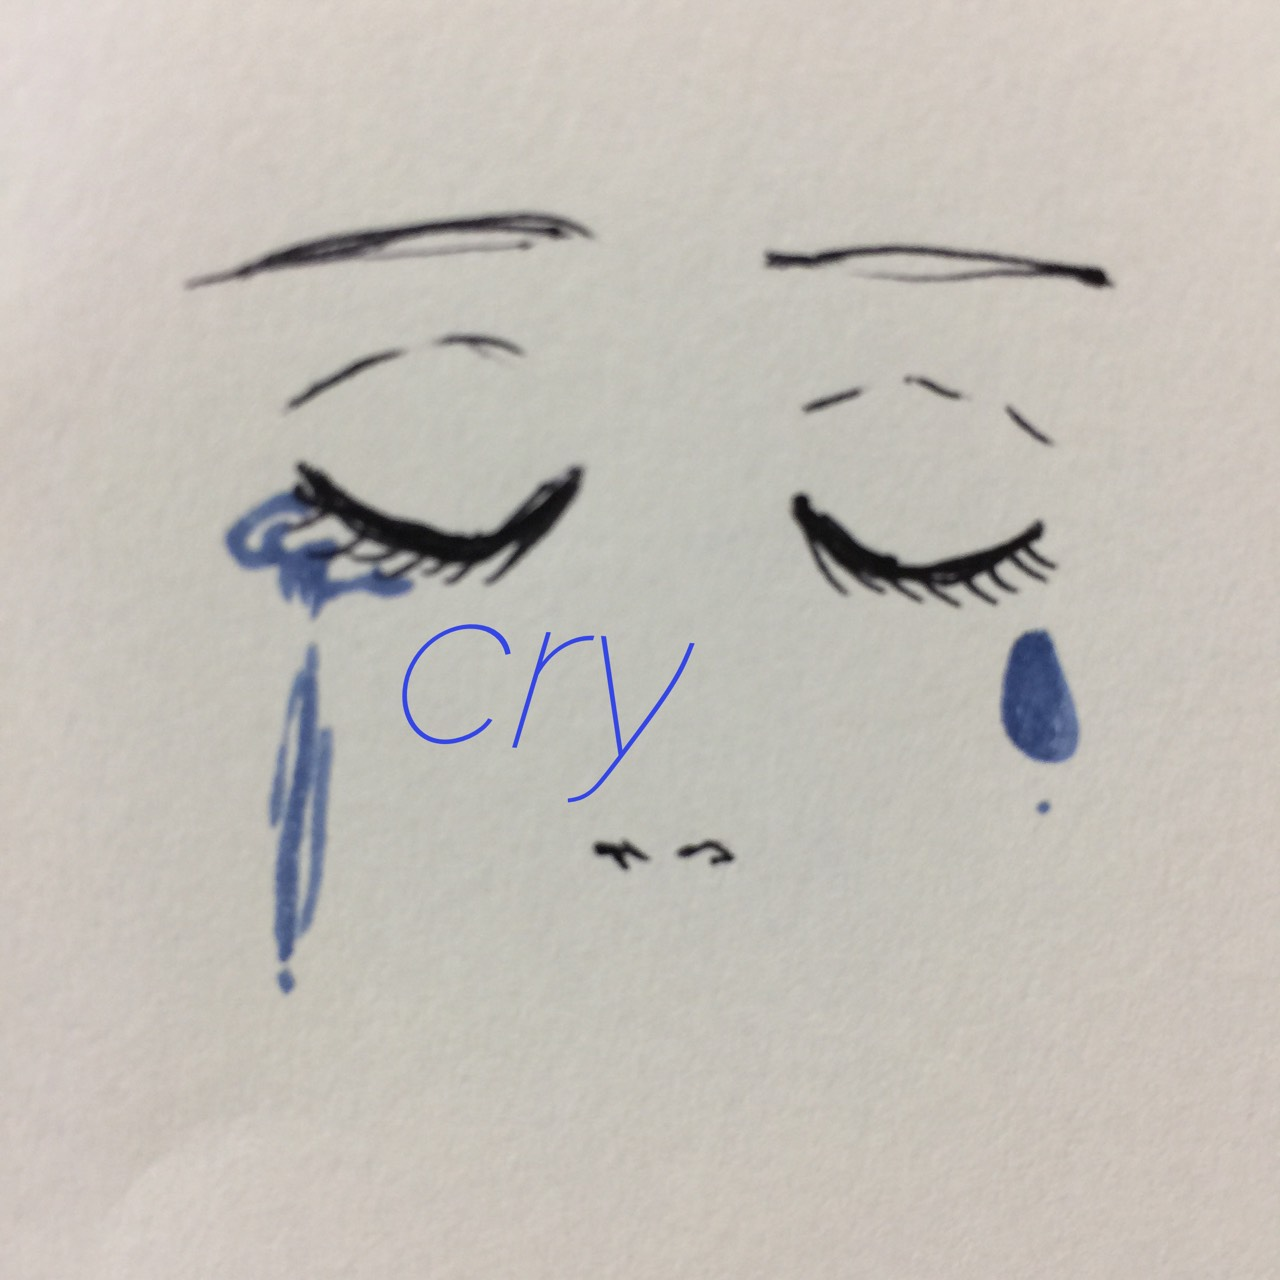 の 泣い た 日 次